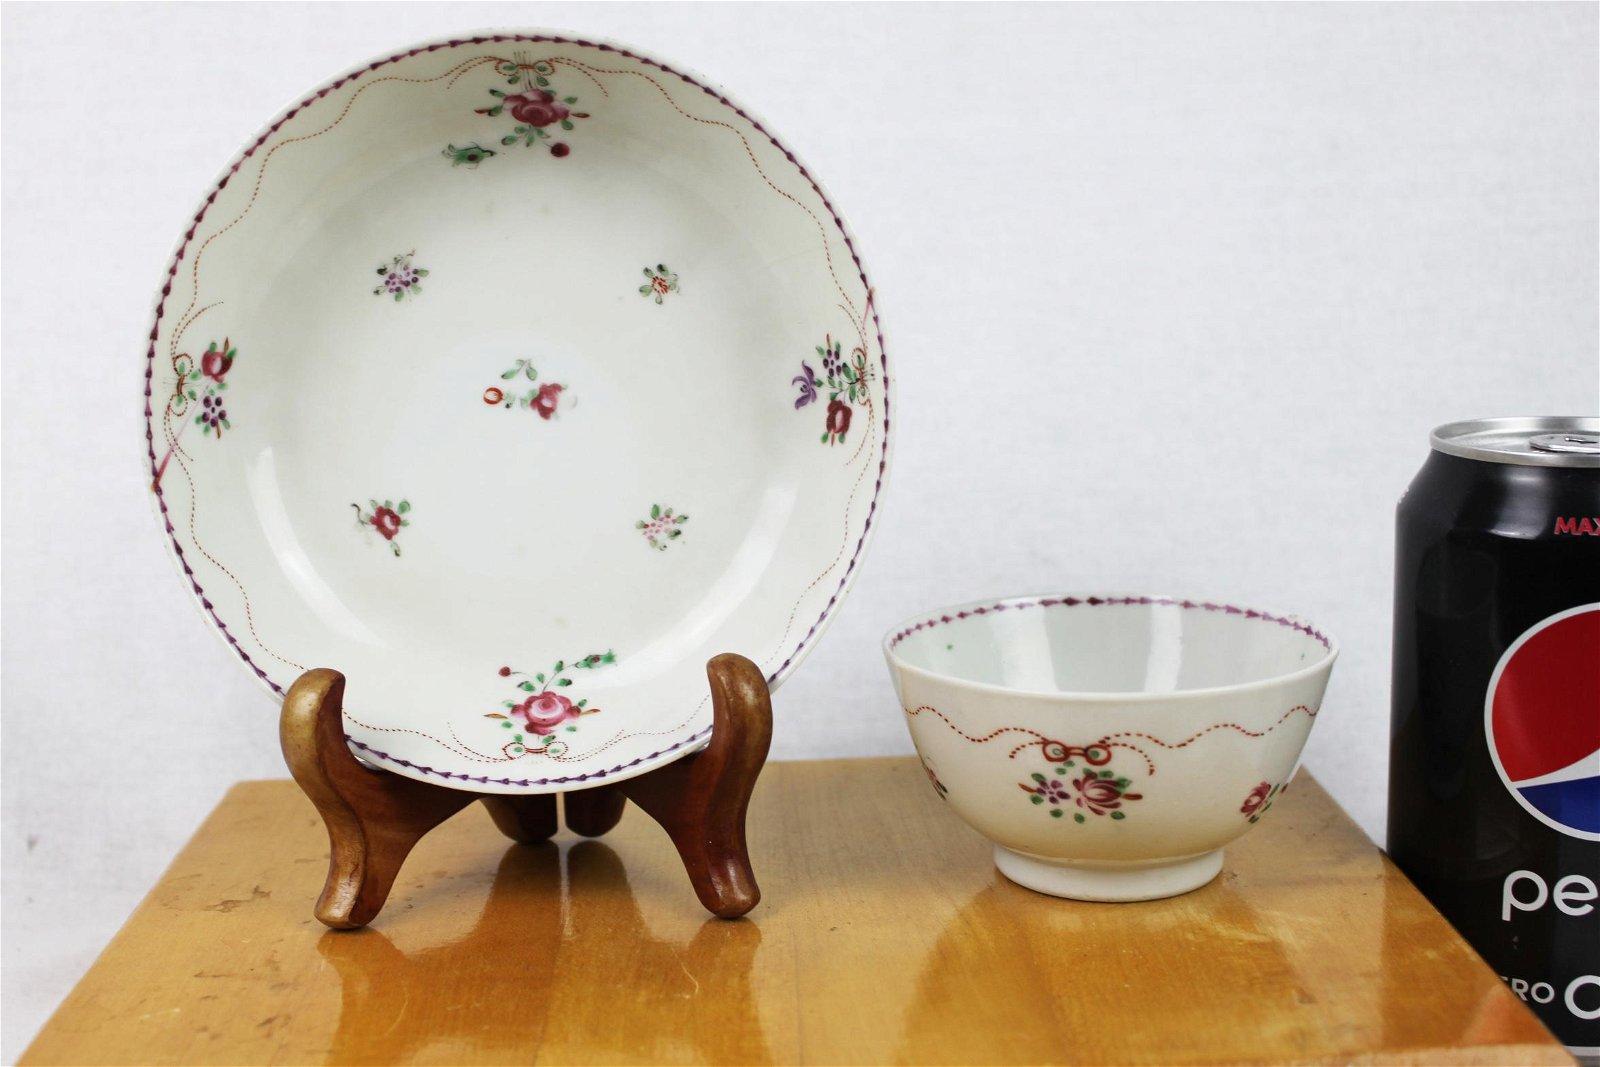 Antique Porcelain Plate and Porcelain Bowl